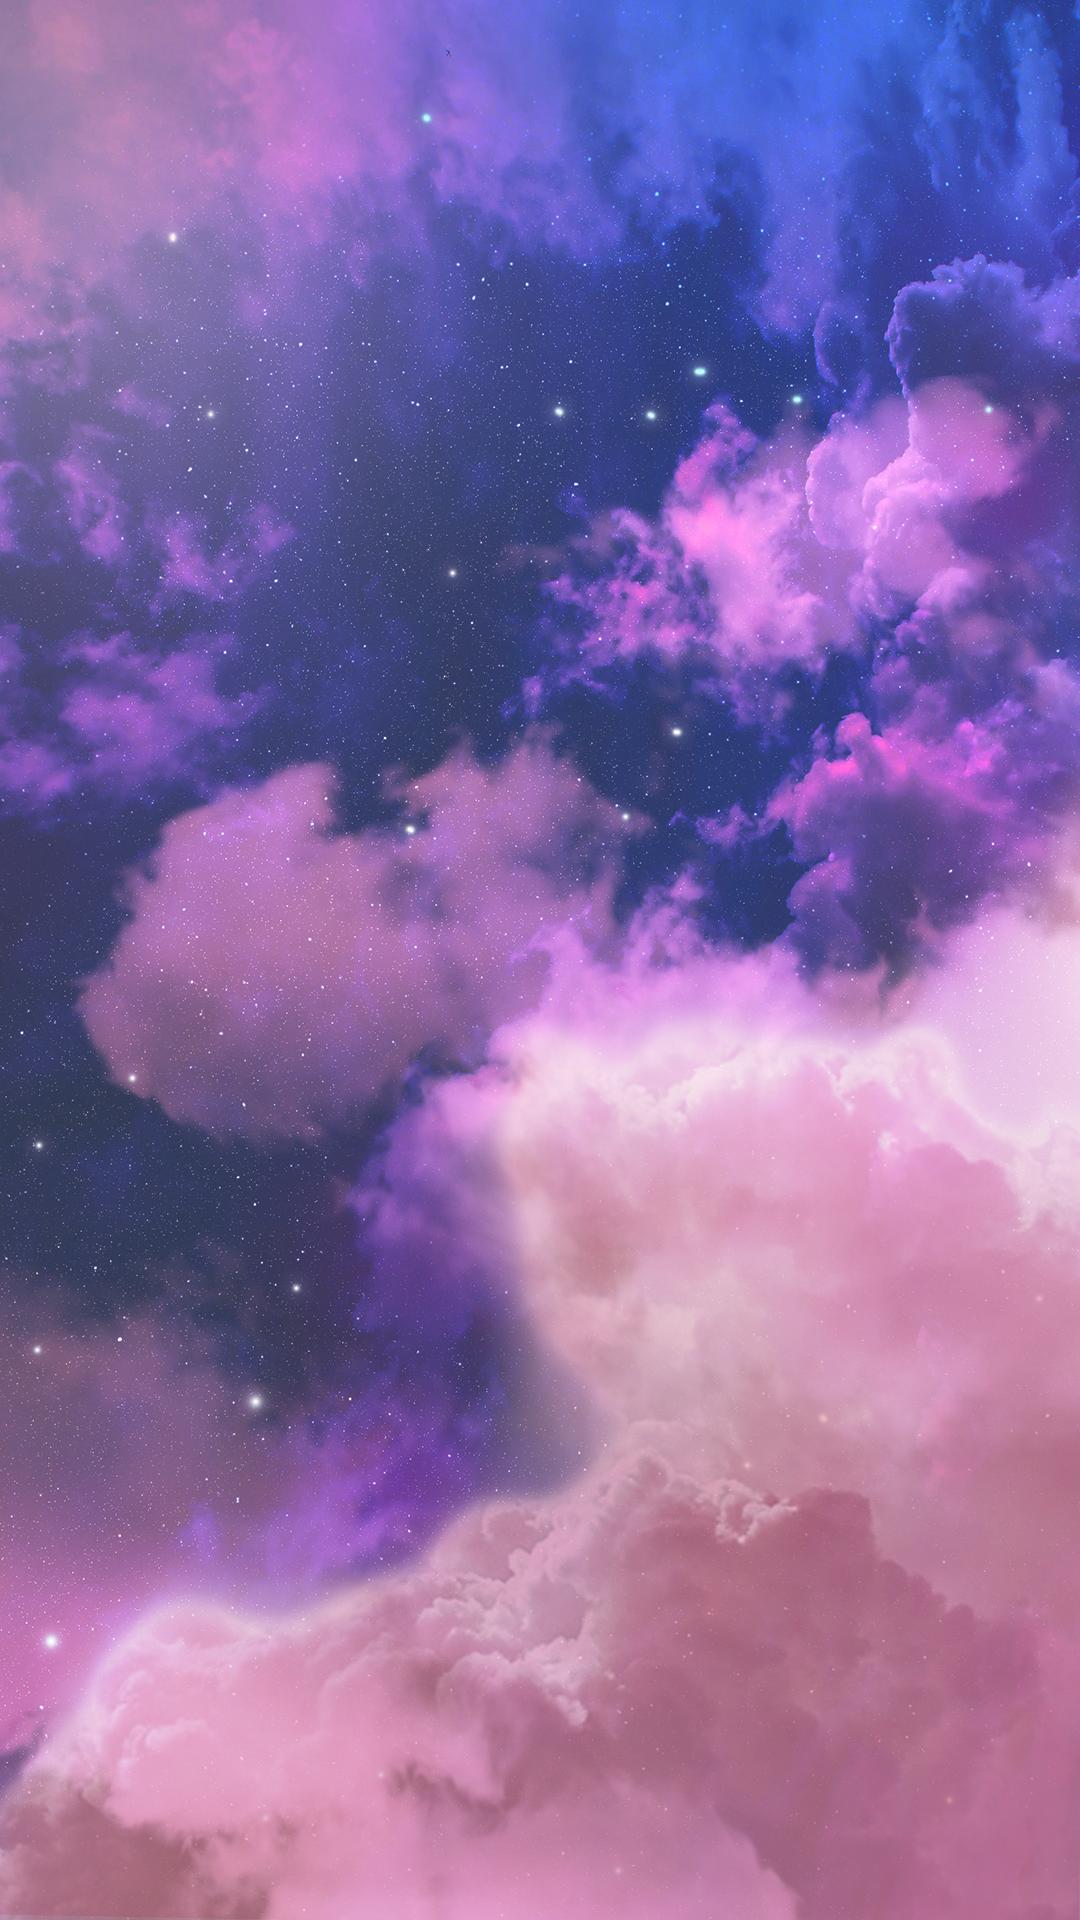 Wallpaper Purple Sky Von Gocase In 2020 Galaxy Wallpaper Iphone Galaxy Wallpaper Purple Wallpaper